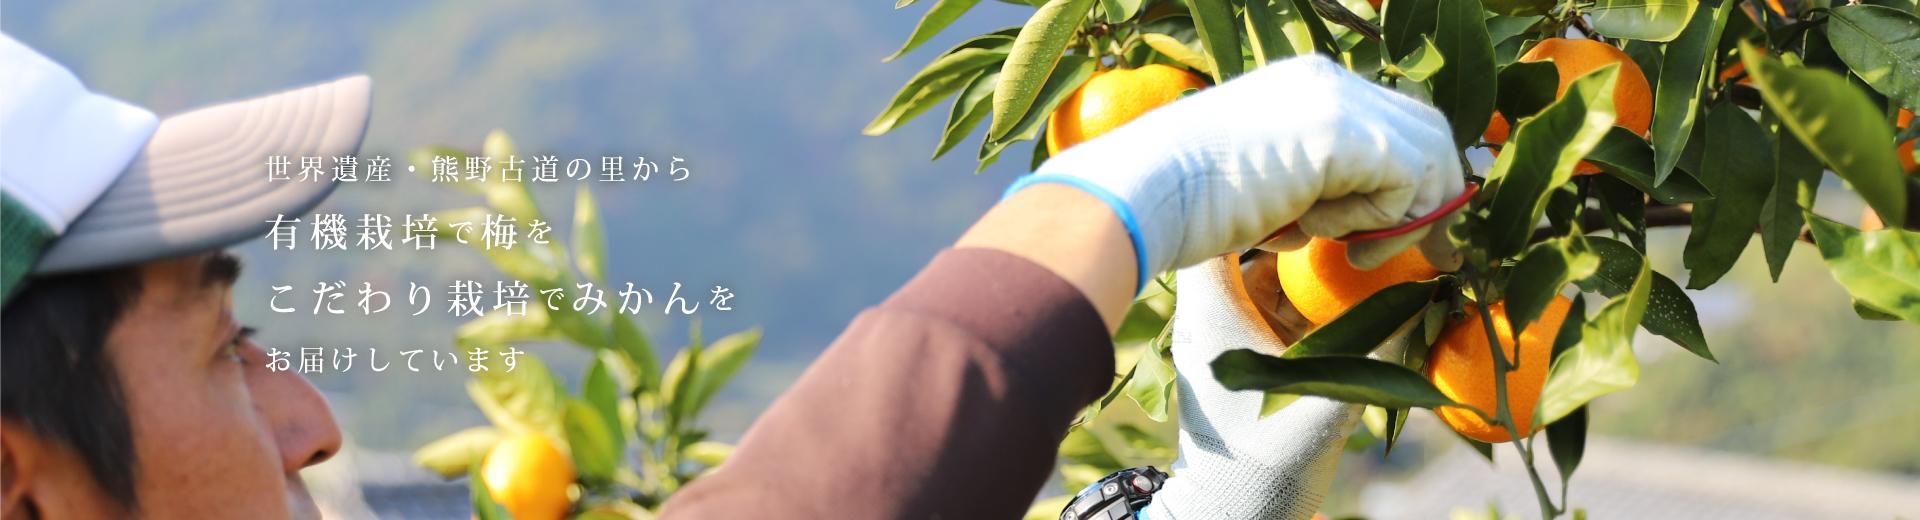 世界遺産・熊野古道の里で梅とみかんを有機栽培しています